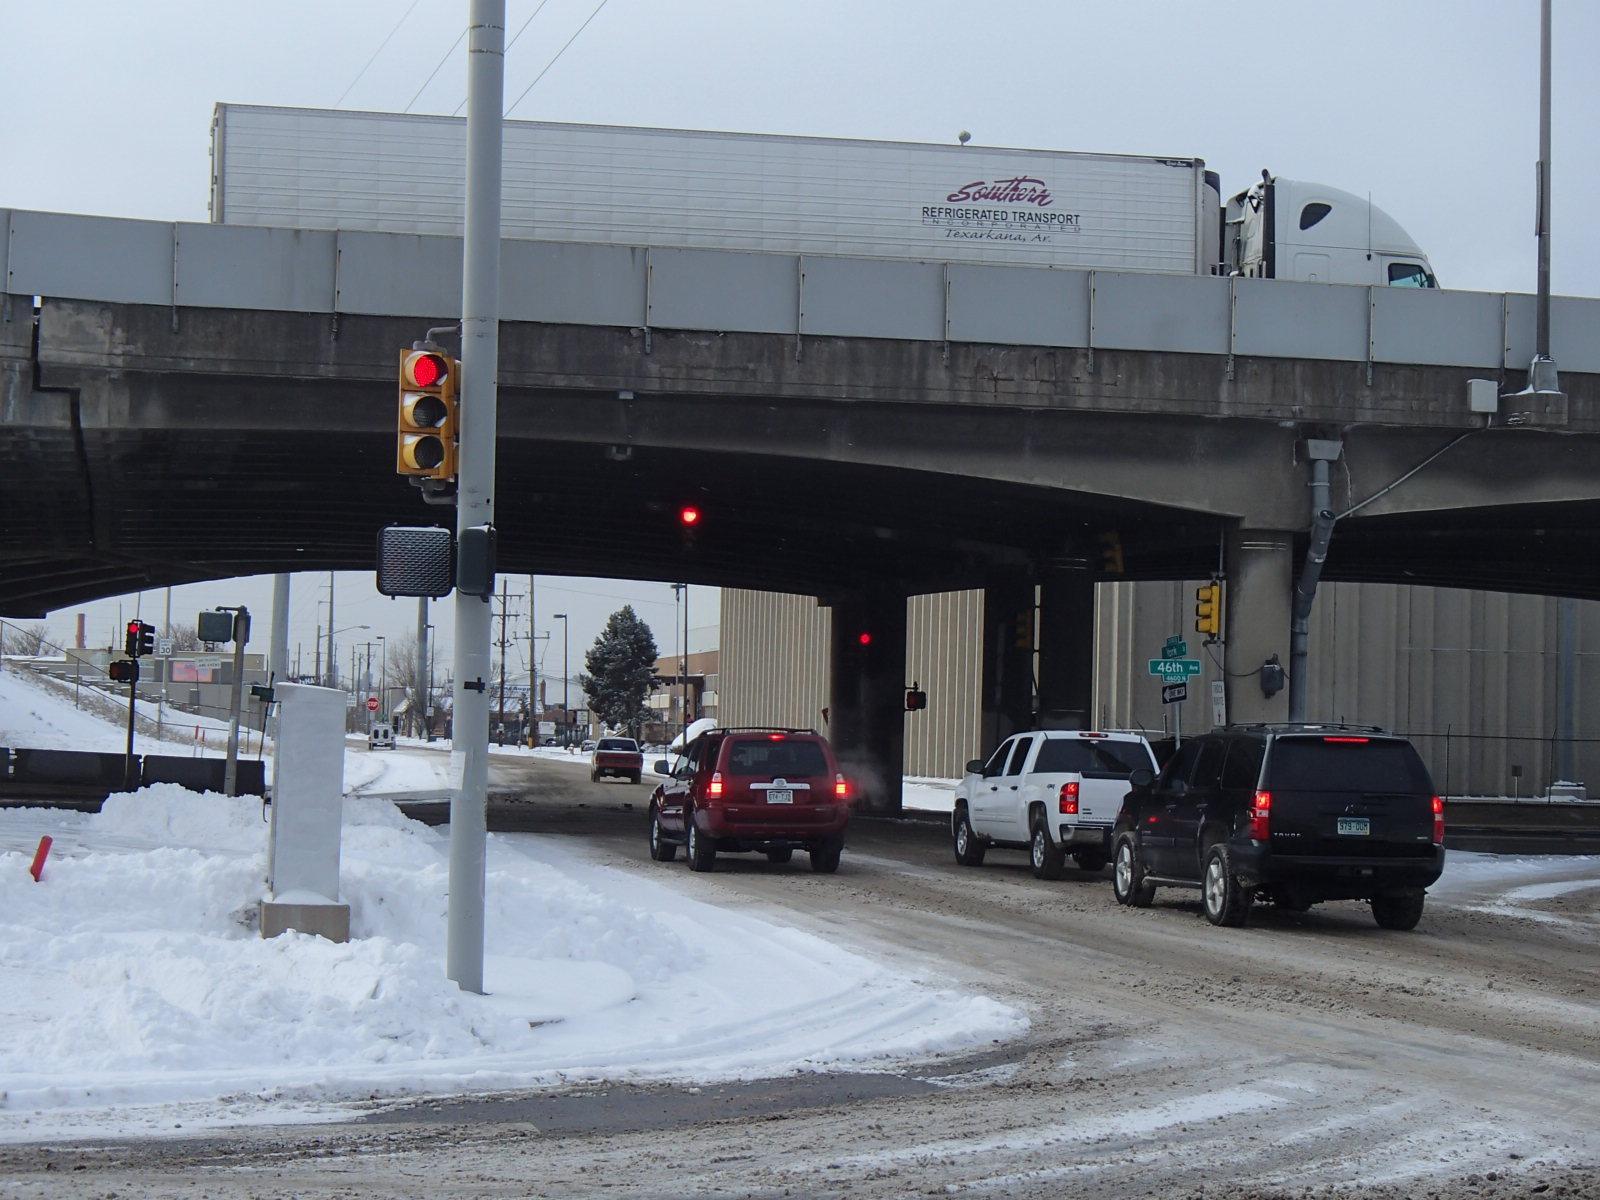 Photo: Interstate 70 viaduct in North Denver